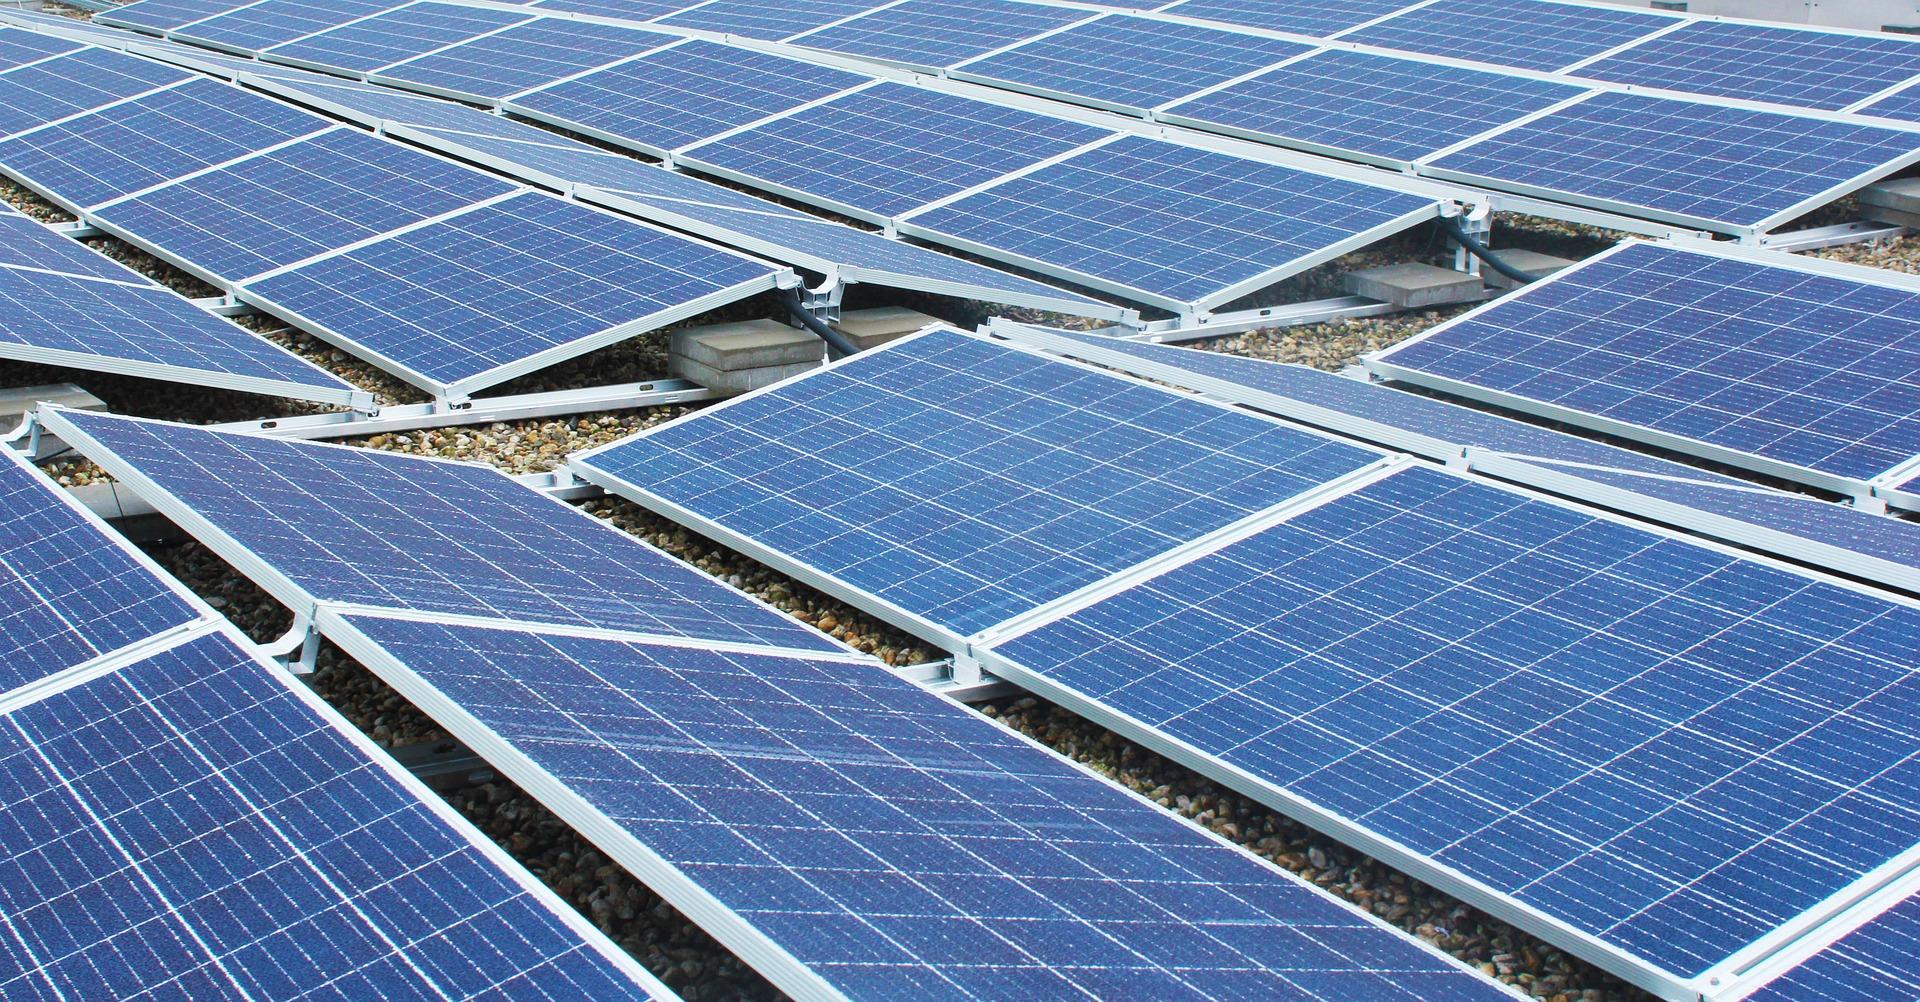 Lohnt sich eine Solaranlage im Jahre 2020